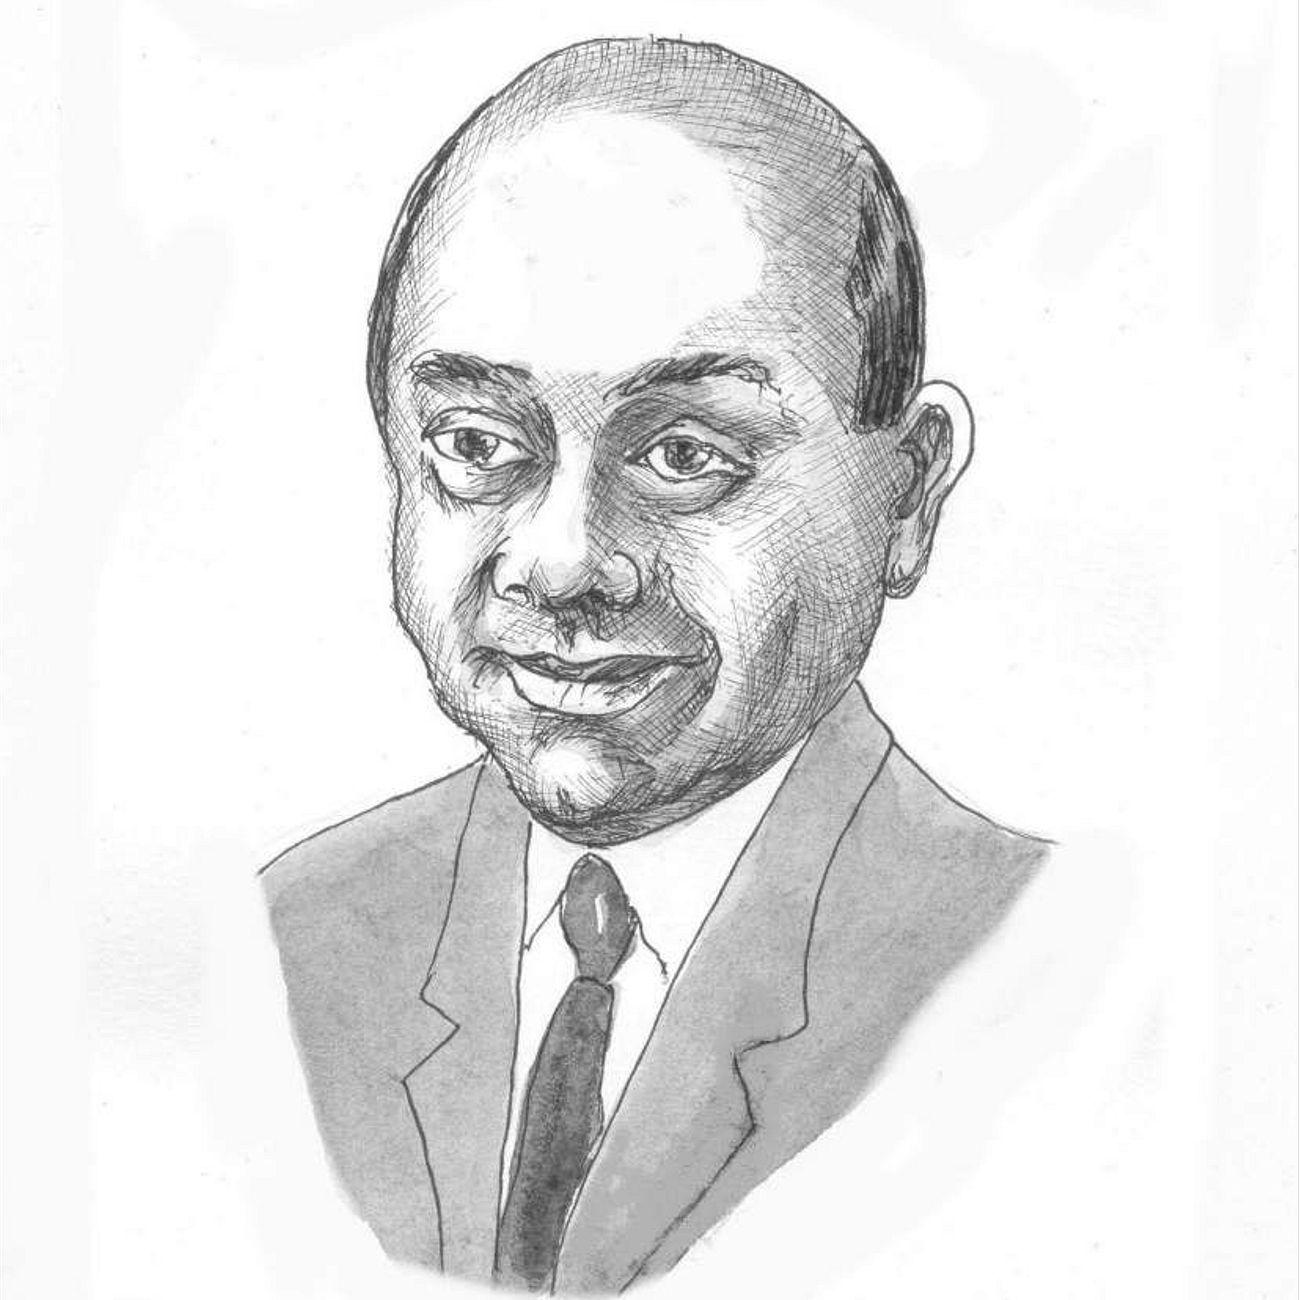 Виктор Шендерович: Проект Лец XX век